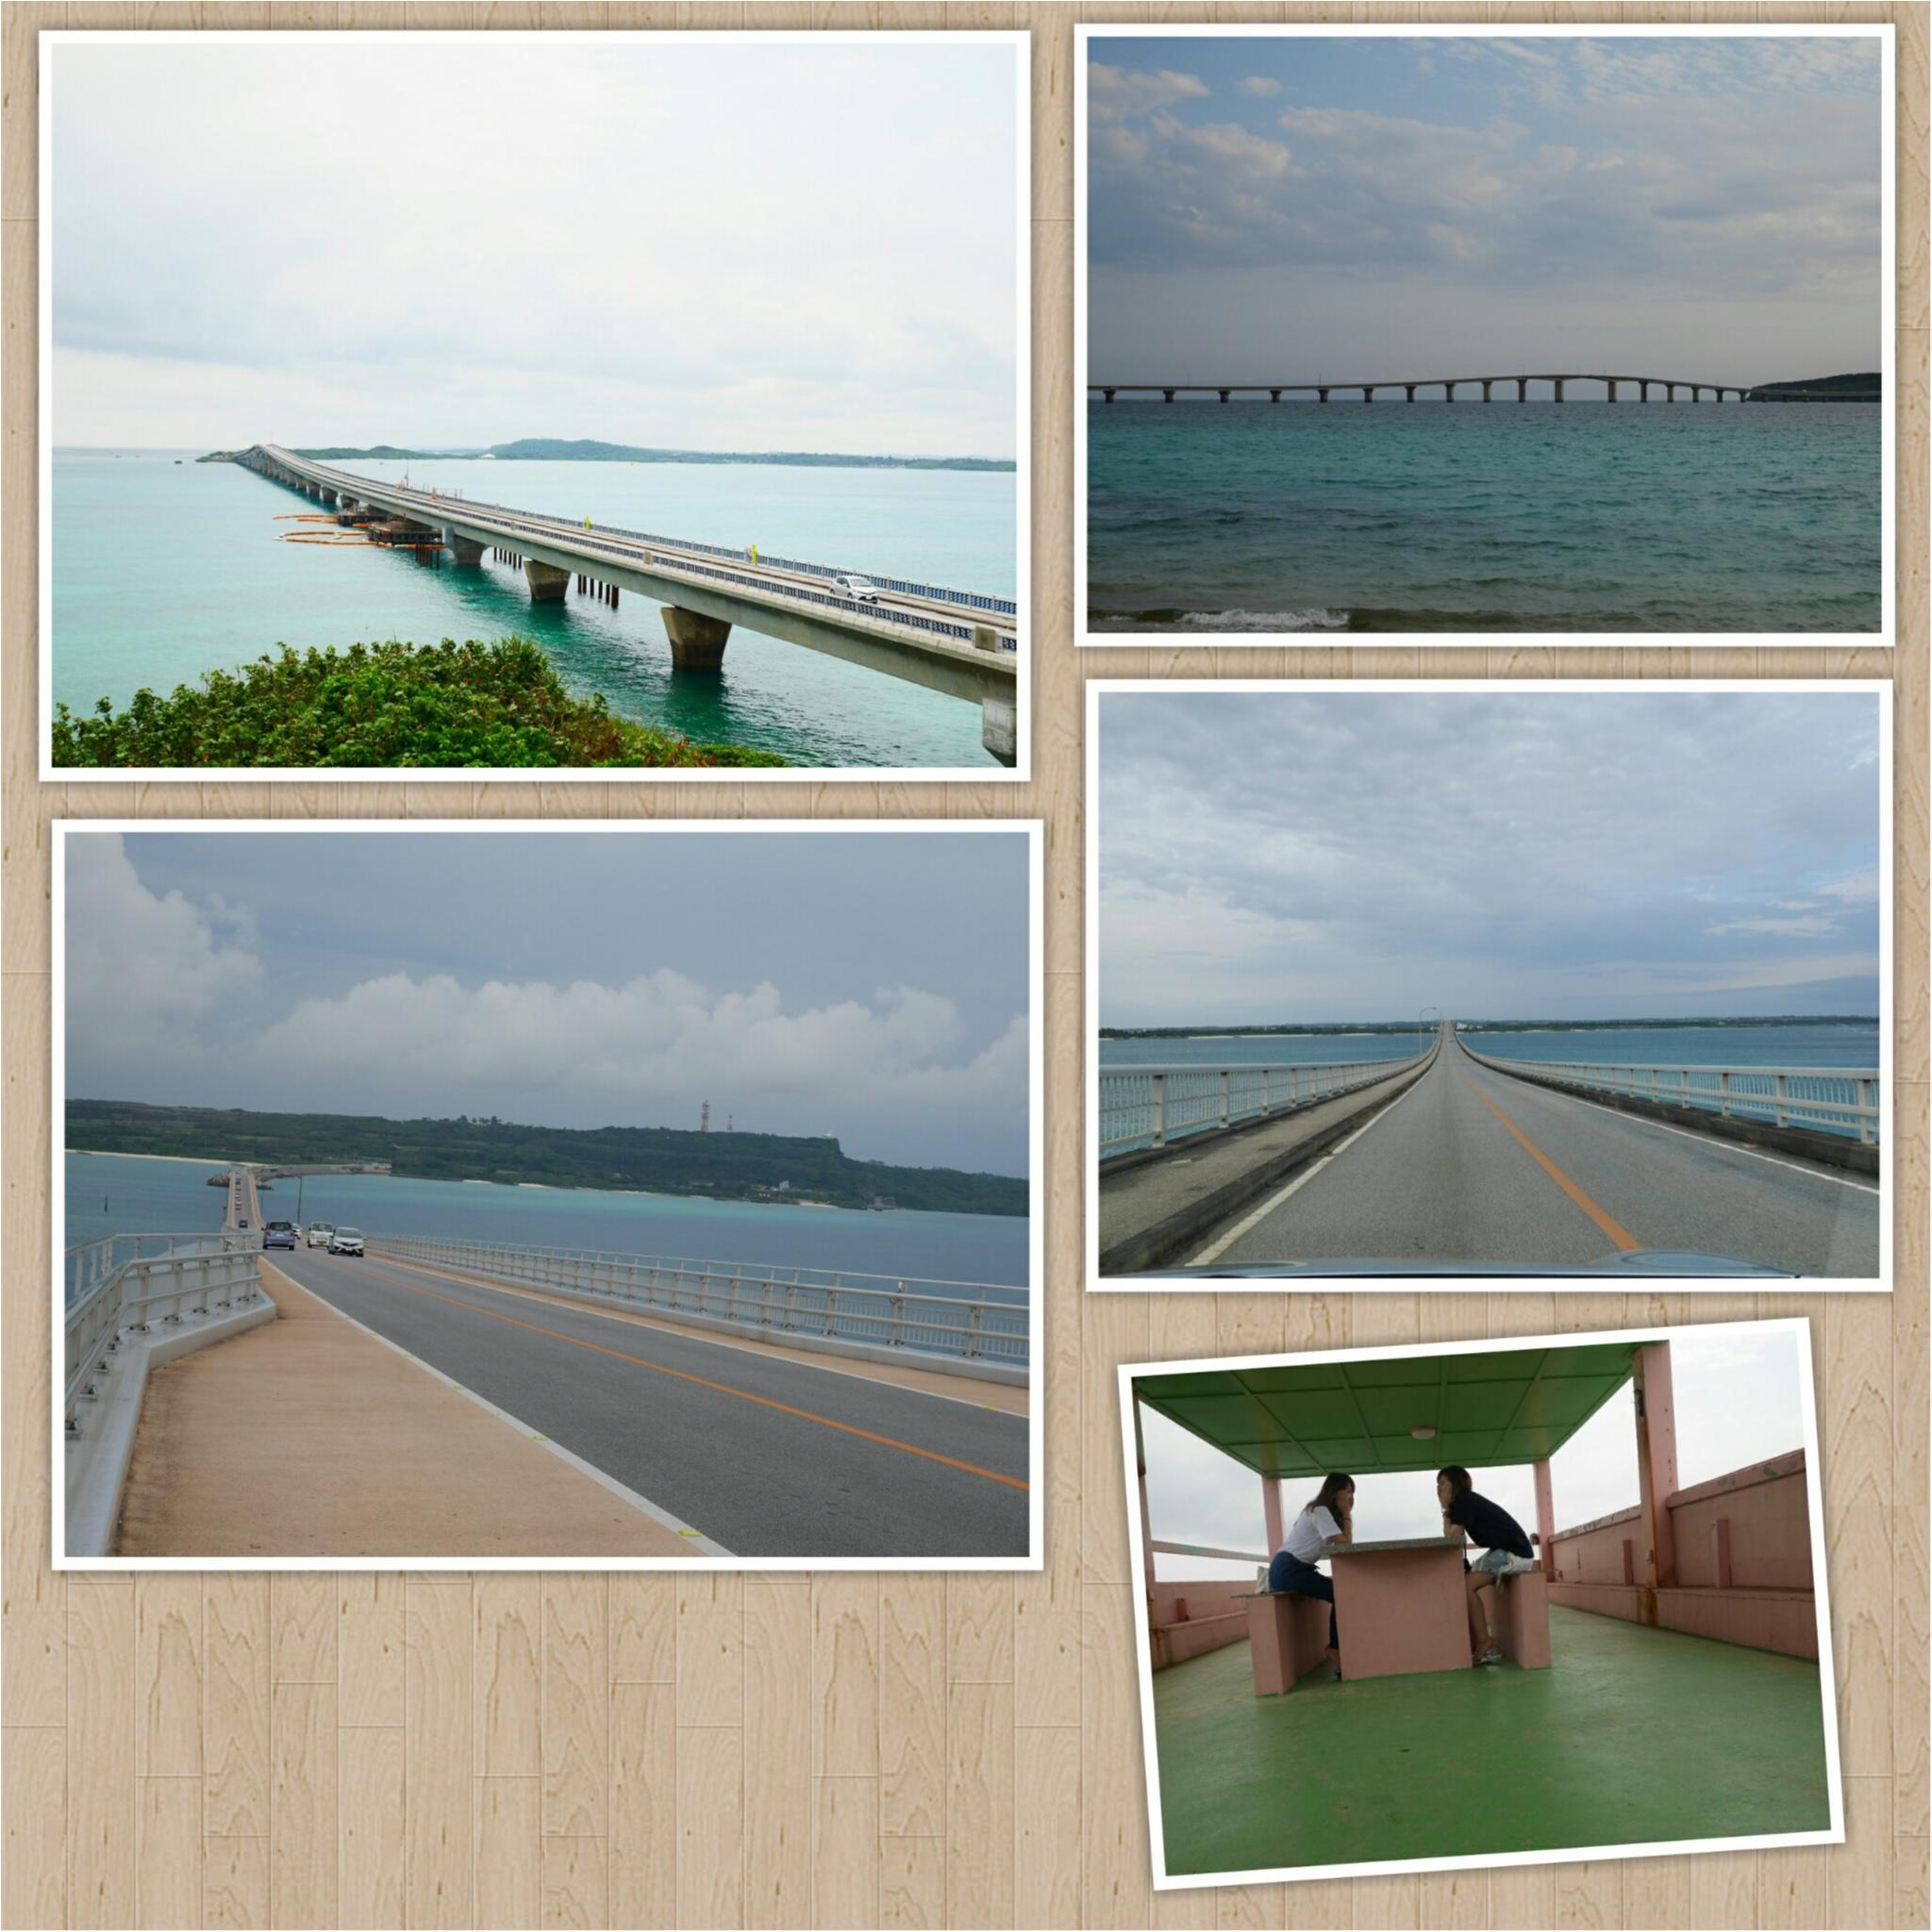 【宮古島】沖縄の離島が好きな人へ、1泊2日の弾丸旅のすすめ。_6